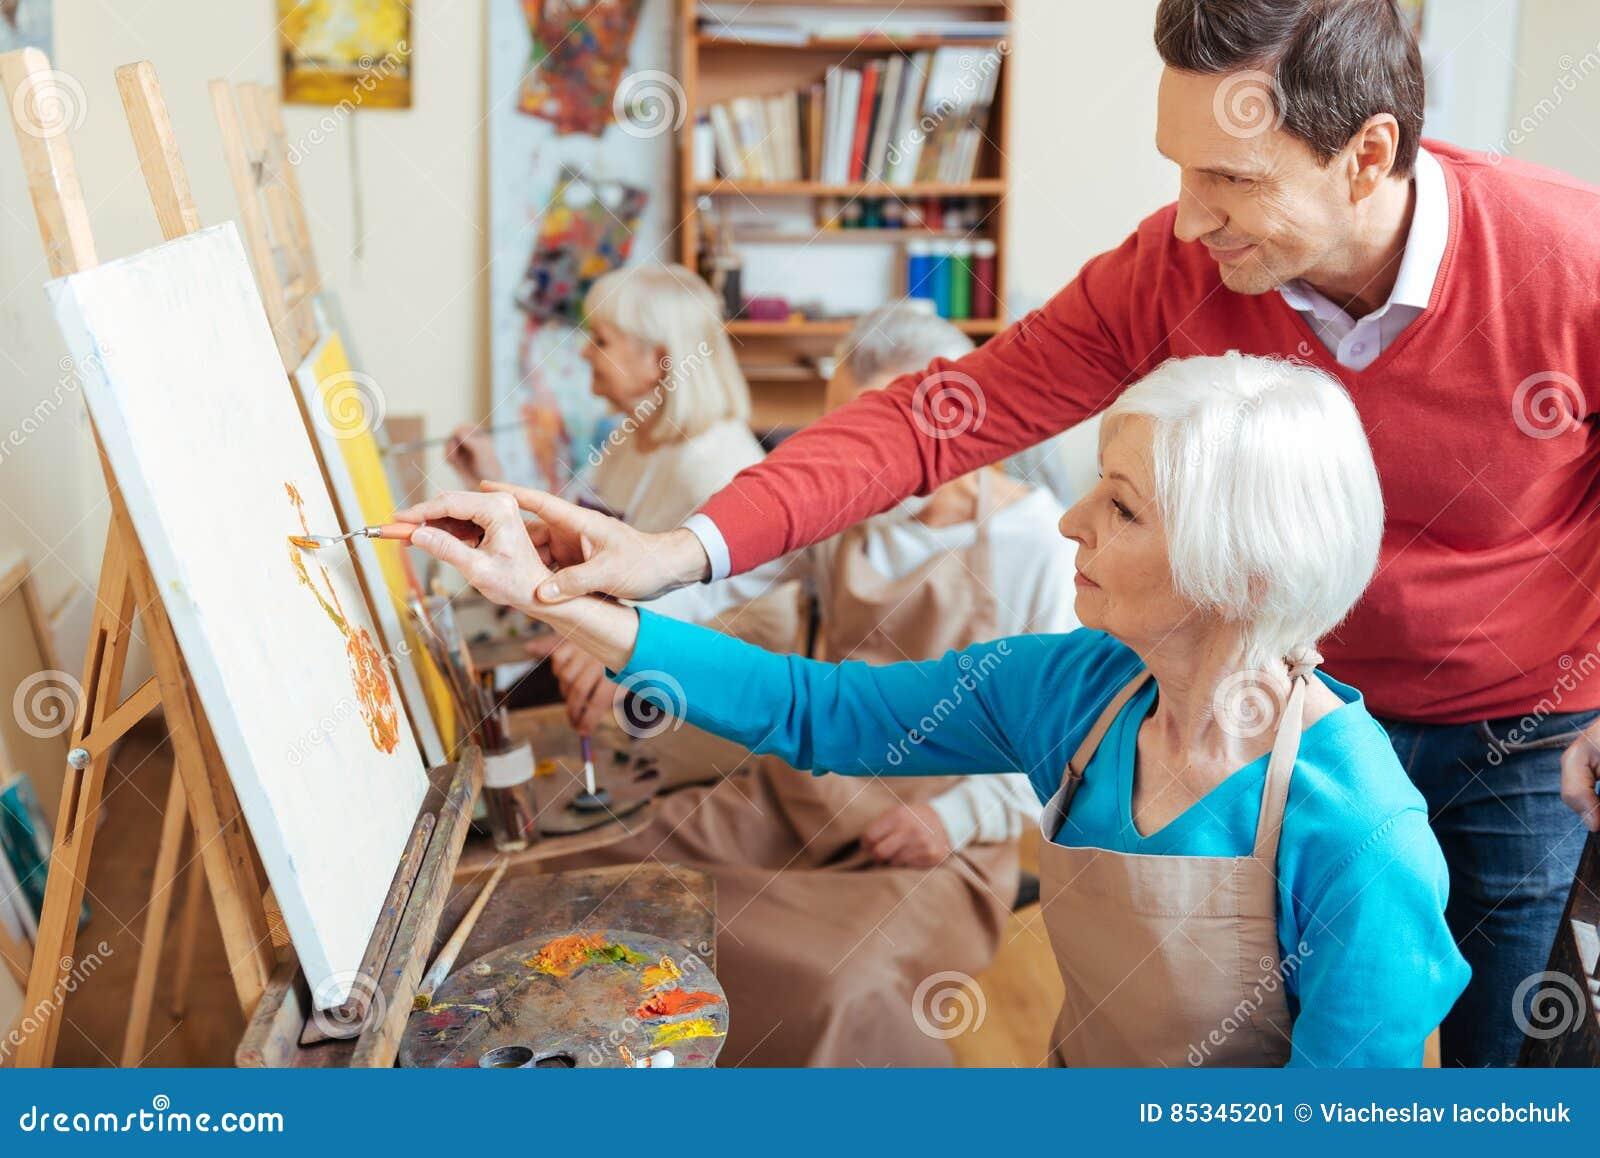 Ευχαριστημένος καλλιτέχνης που βοηθά την ηλικιωμένη γυναίκα στη ζωγραφική του στούντιο